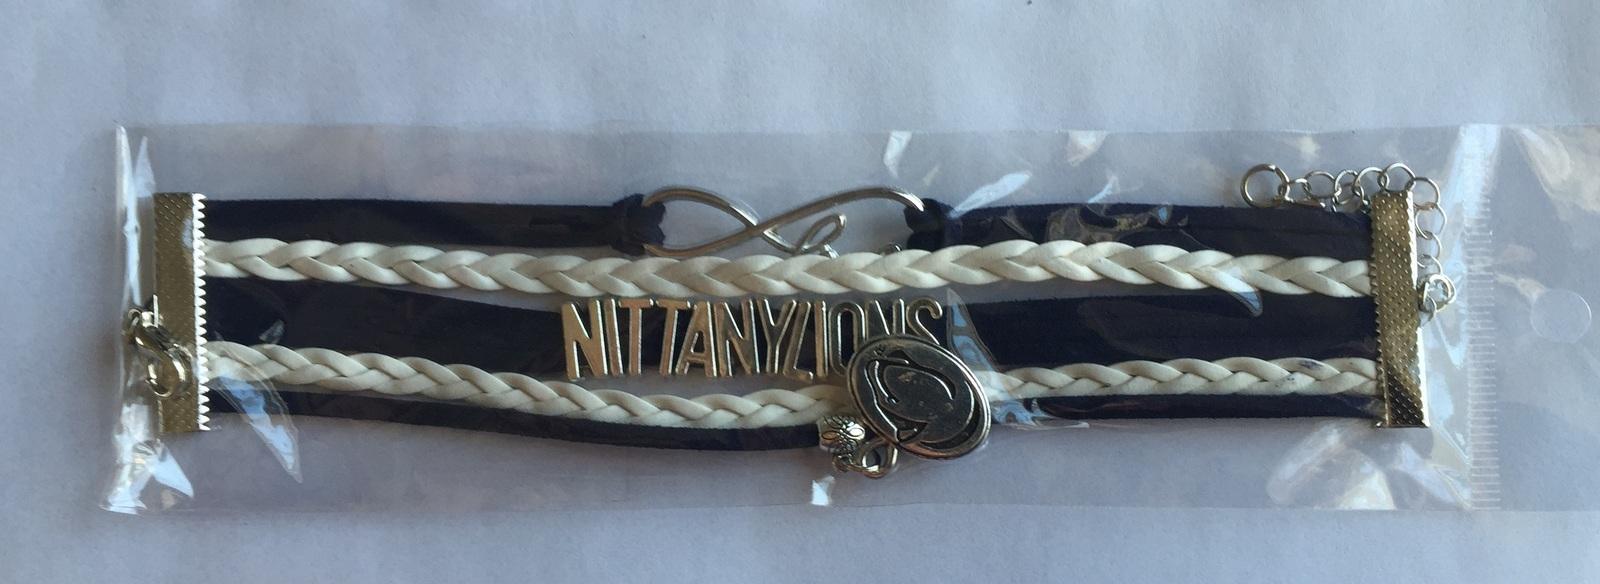 Penn State Nittany Lions Fan Shop Infinity Bracelet Jewelry